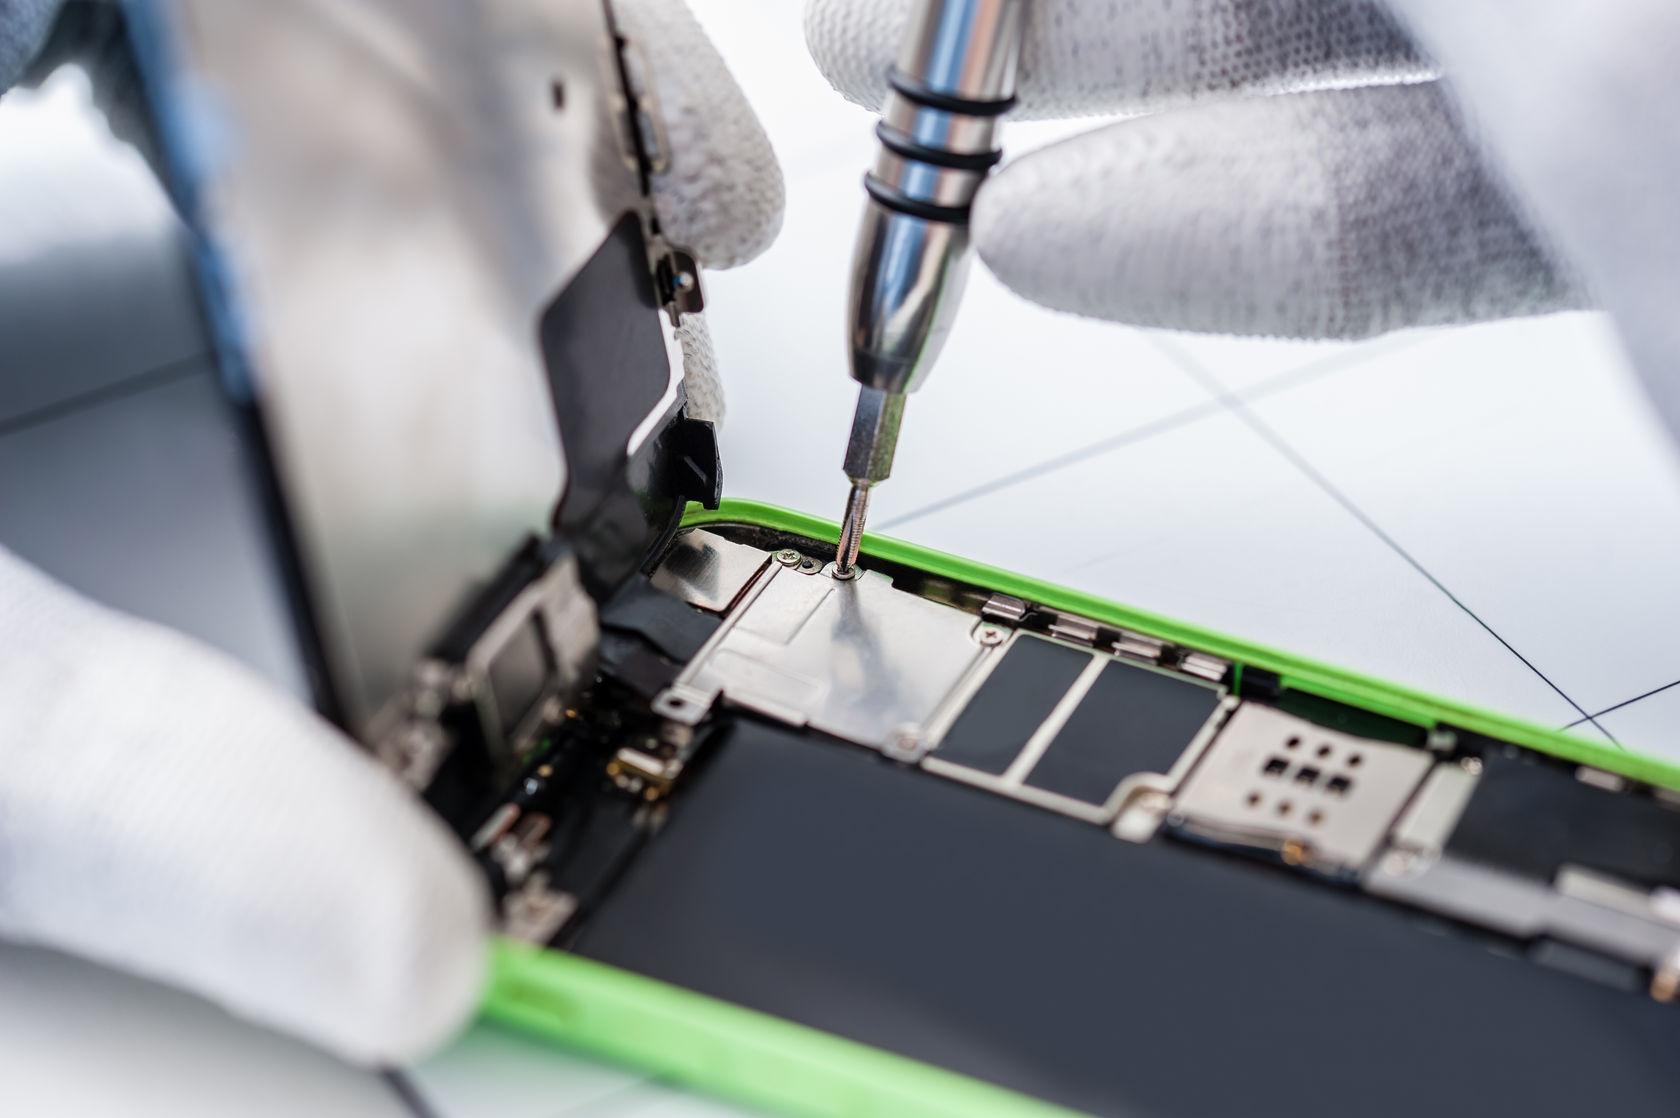 AV Phone Expert: Uw smartphone winkel in Almere | Reparatie | Telefoon